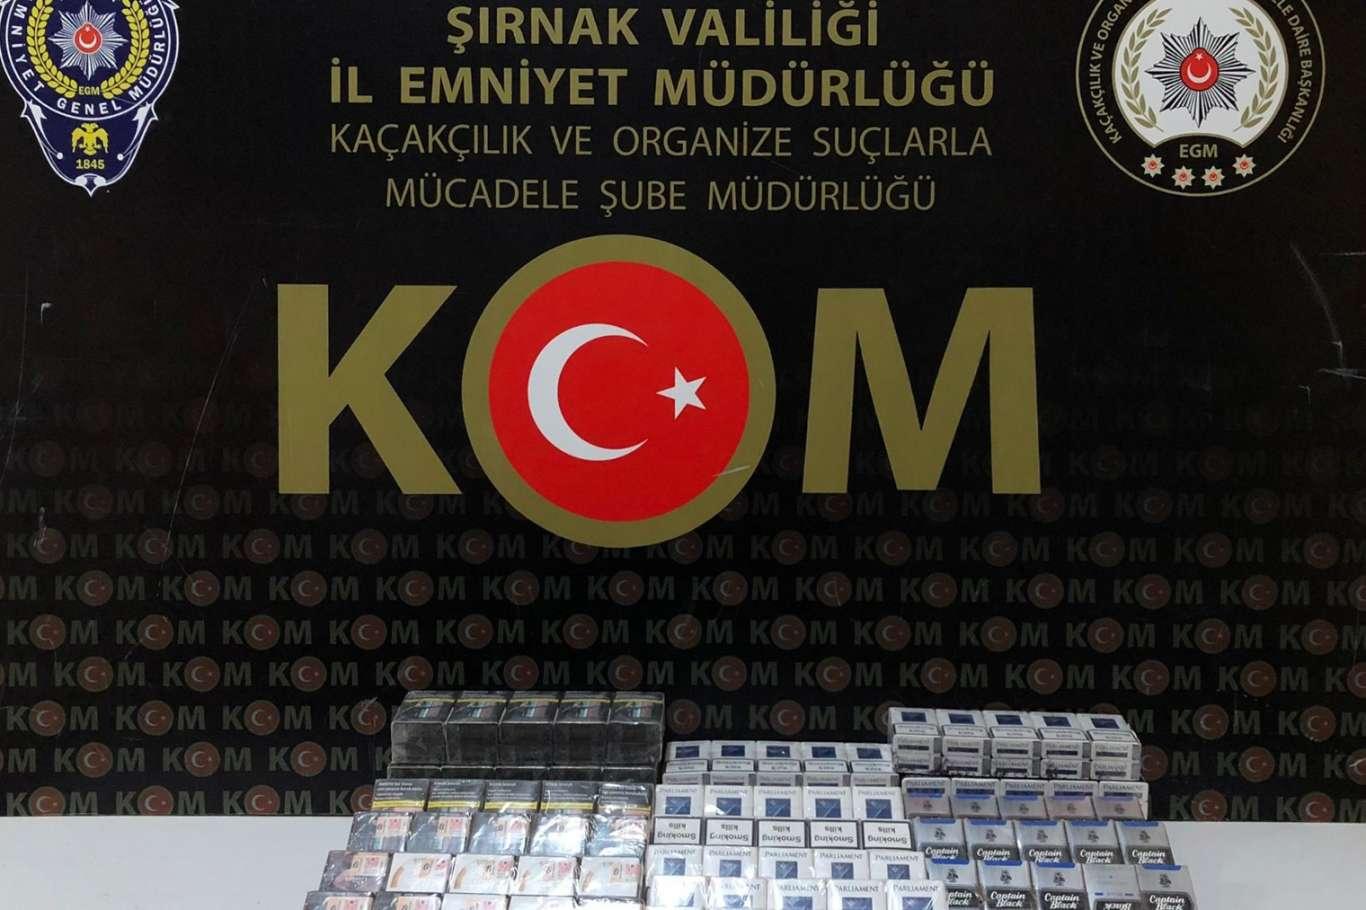 Şırnak'ta kaçakçılık ve asayiş operasyonu: 42 gözaltı